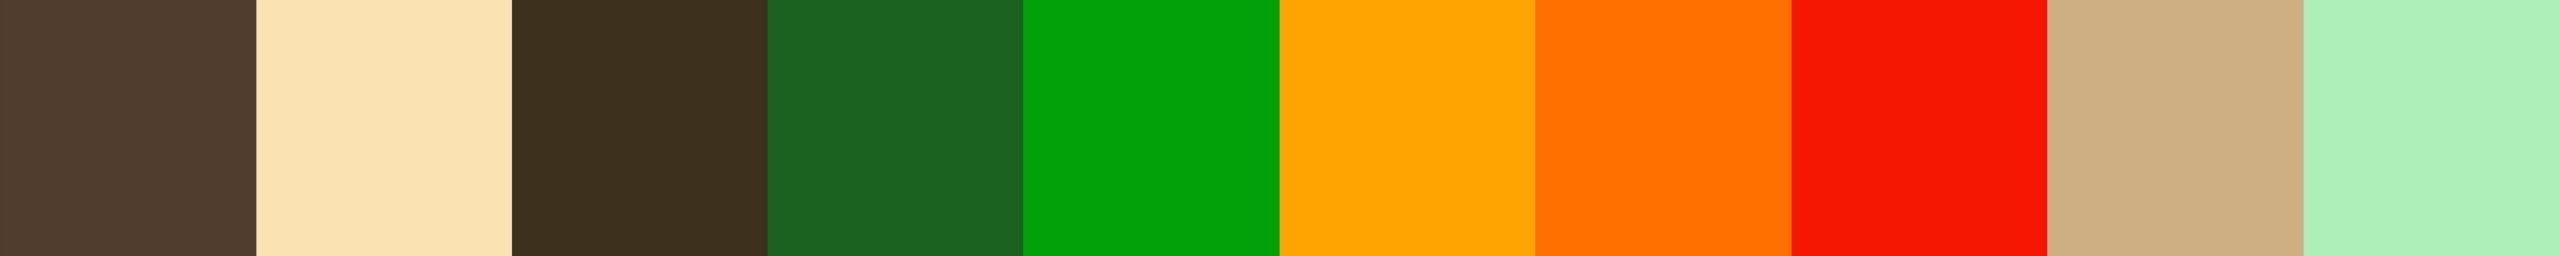 442 Saltafe Color Palette